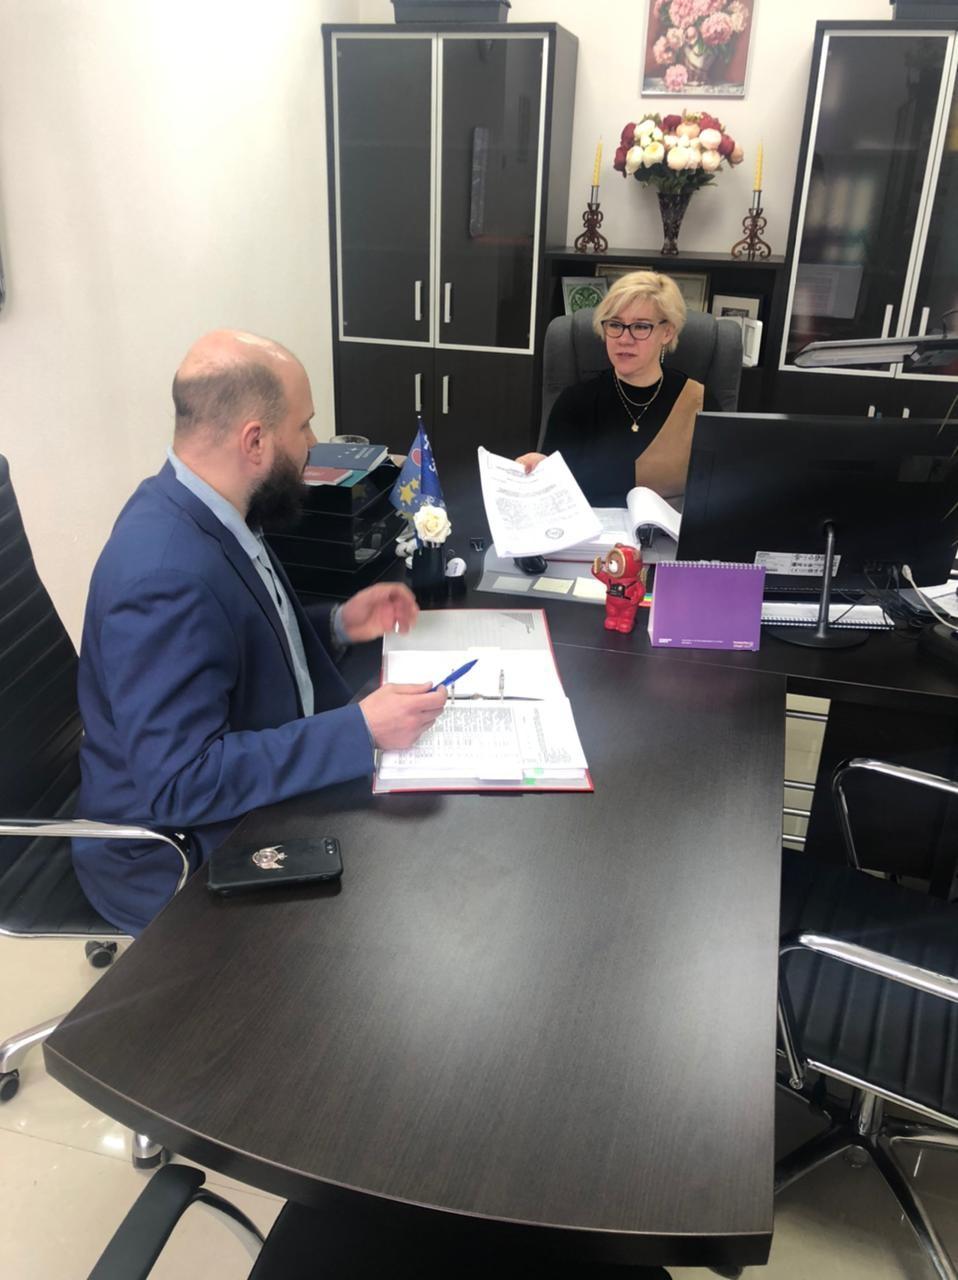 КСП Звёздного городка проведено рабочее совещание с Заместителем Председателя Совета депутатов по вопросам, связанным с внесением изменений в бюджет городского округа Звёздный городок Московской области на 2021 год.